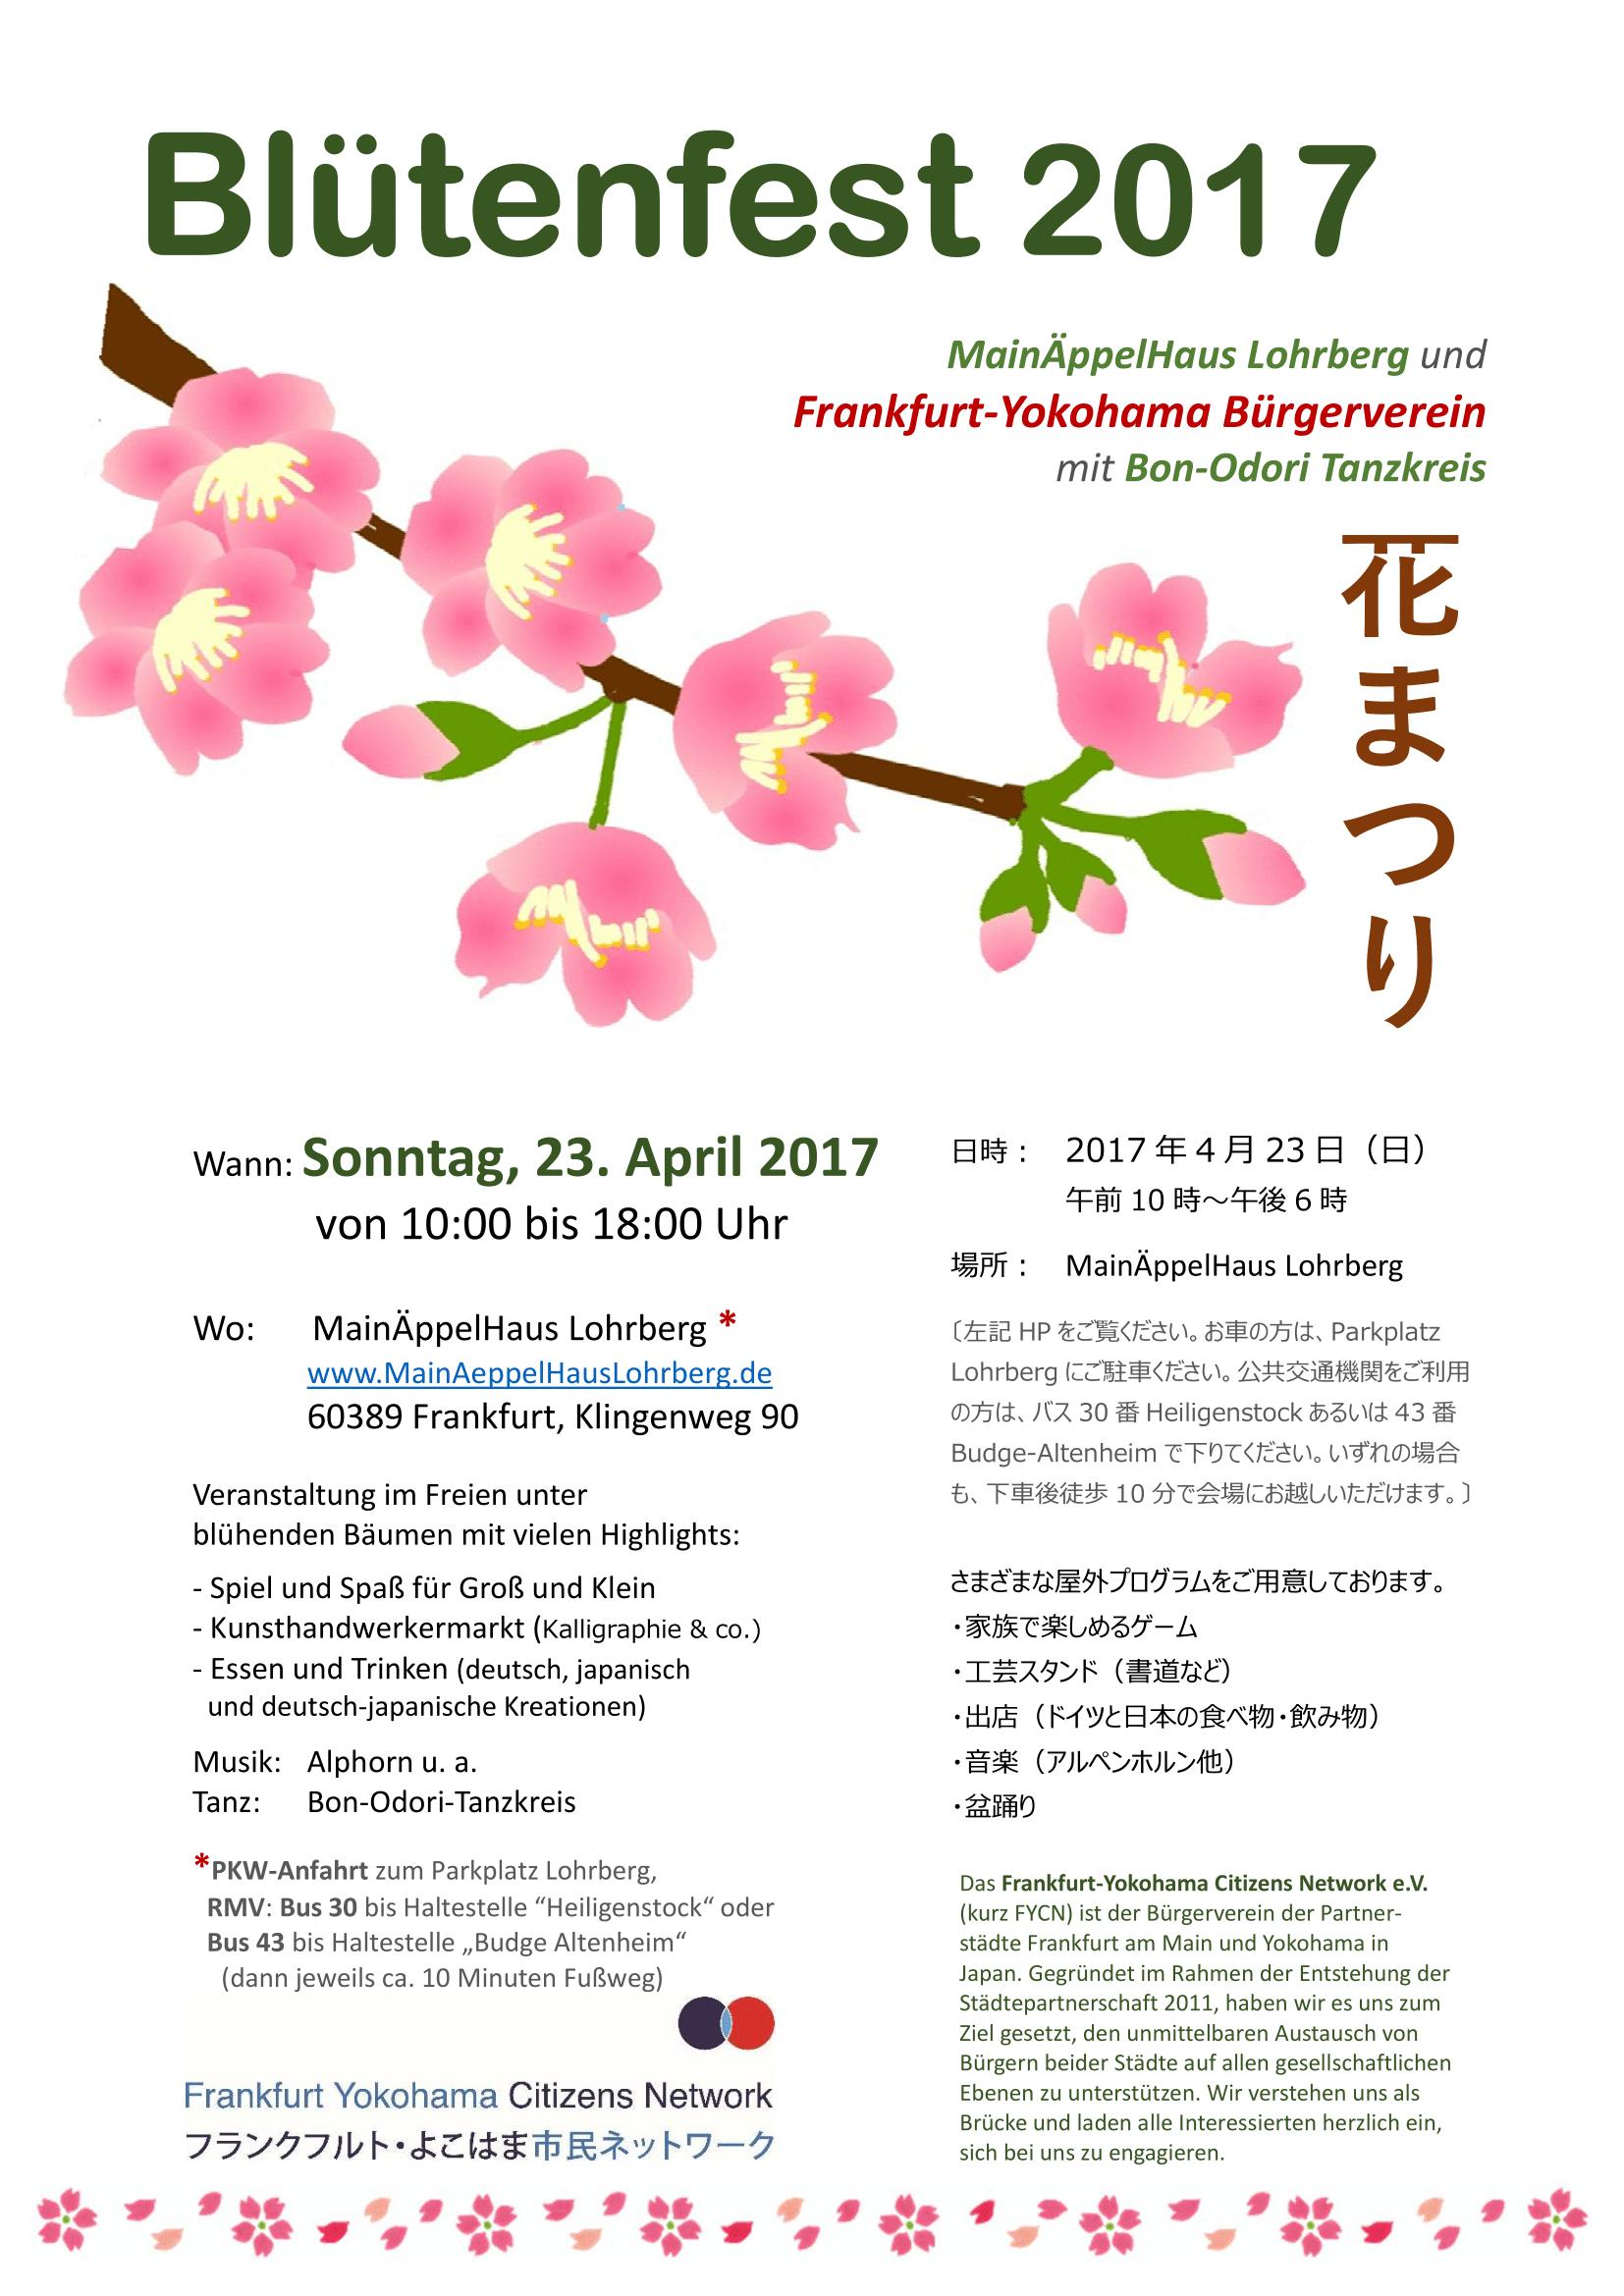 Generalkonsulat von Japan in Frankfurt am Main - Kultur & Austausch